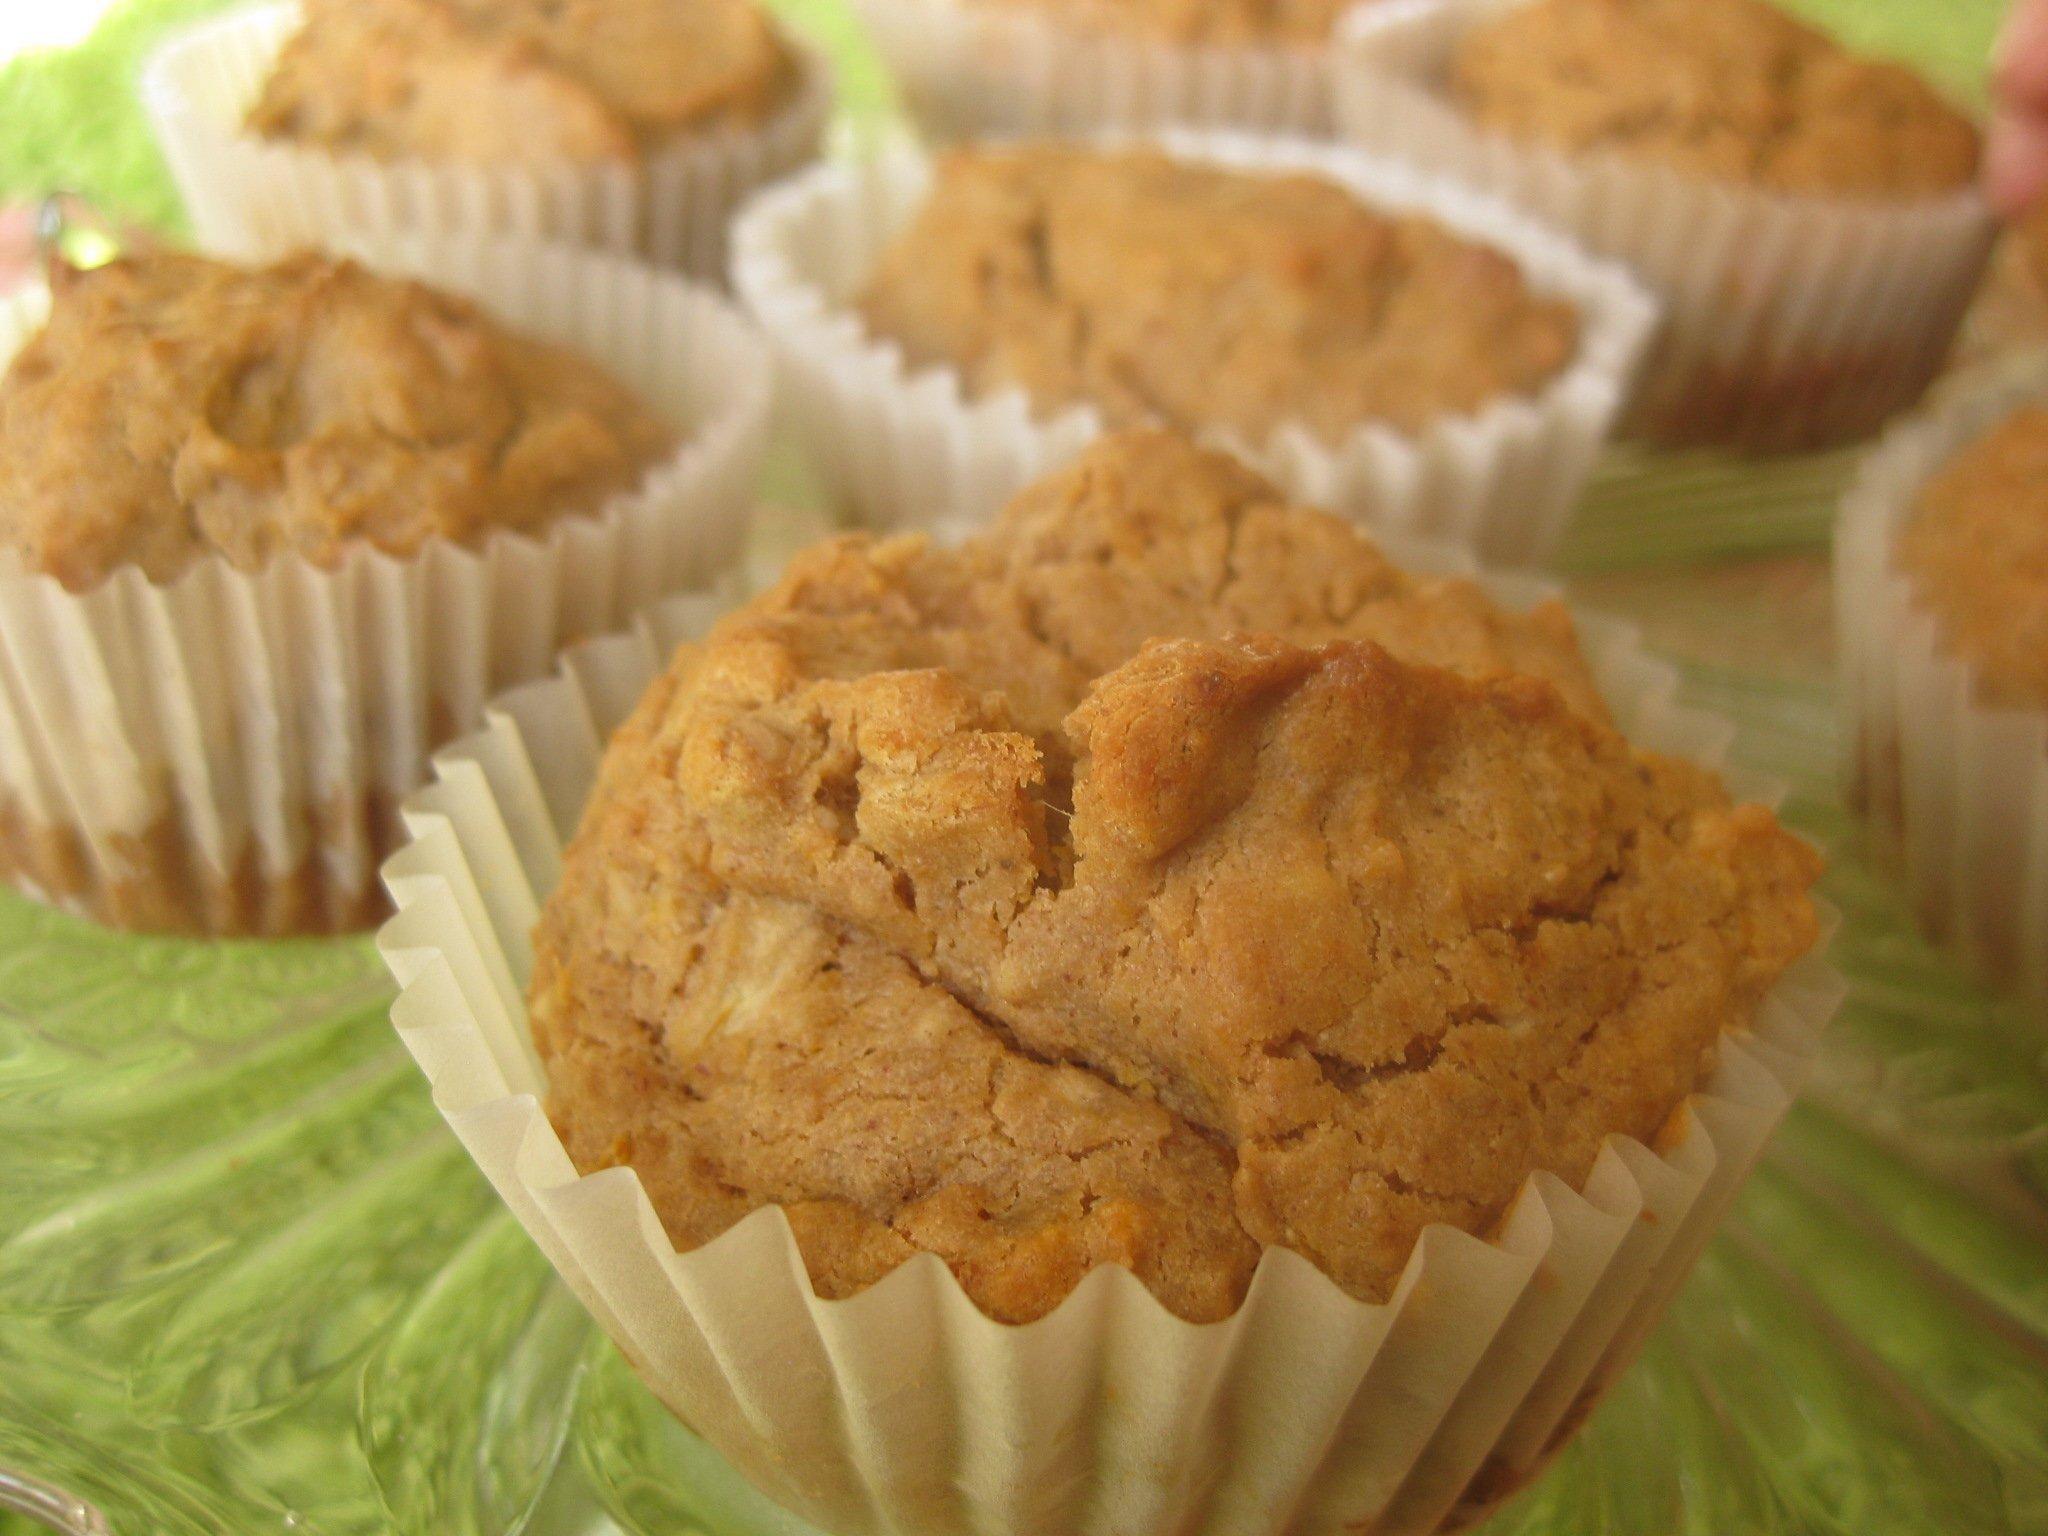 Almás-sütőtökös muffin cukor nélkül (gluténmentes, tejmentes, paleo)